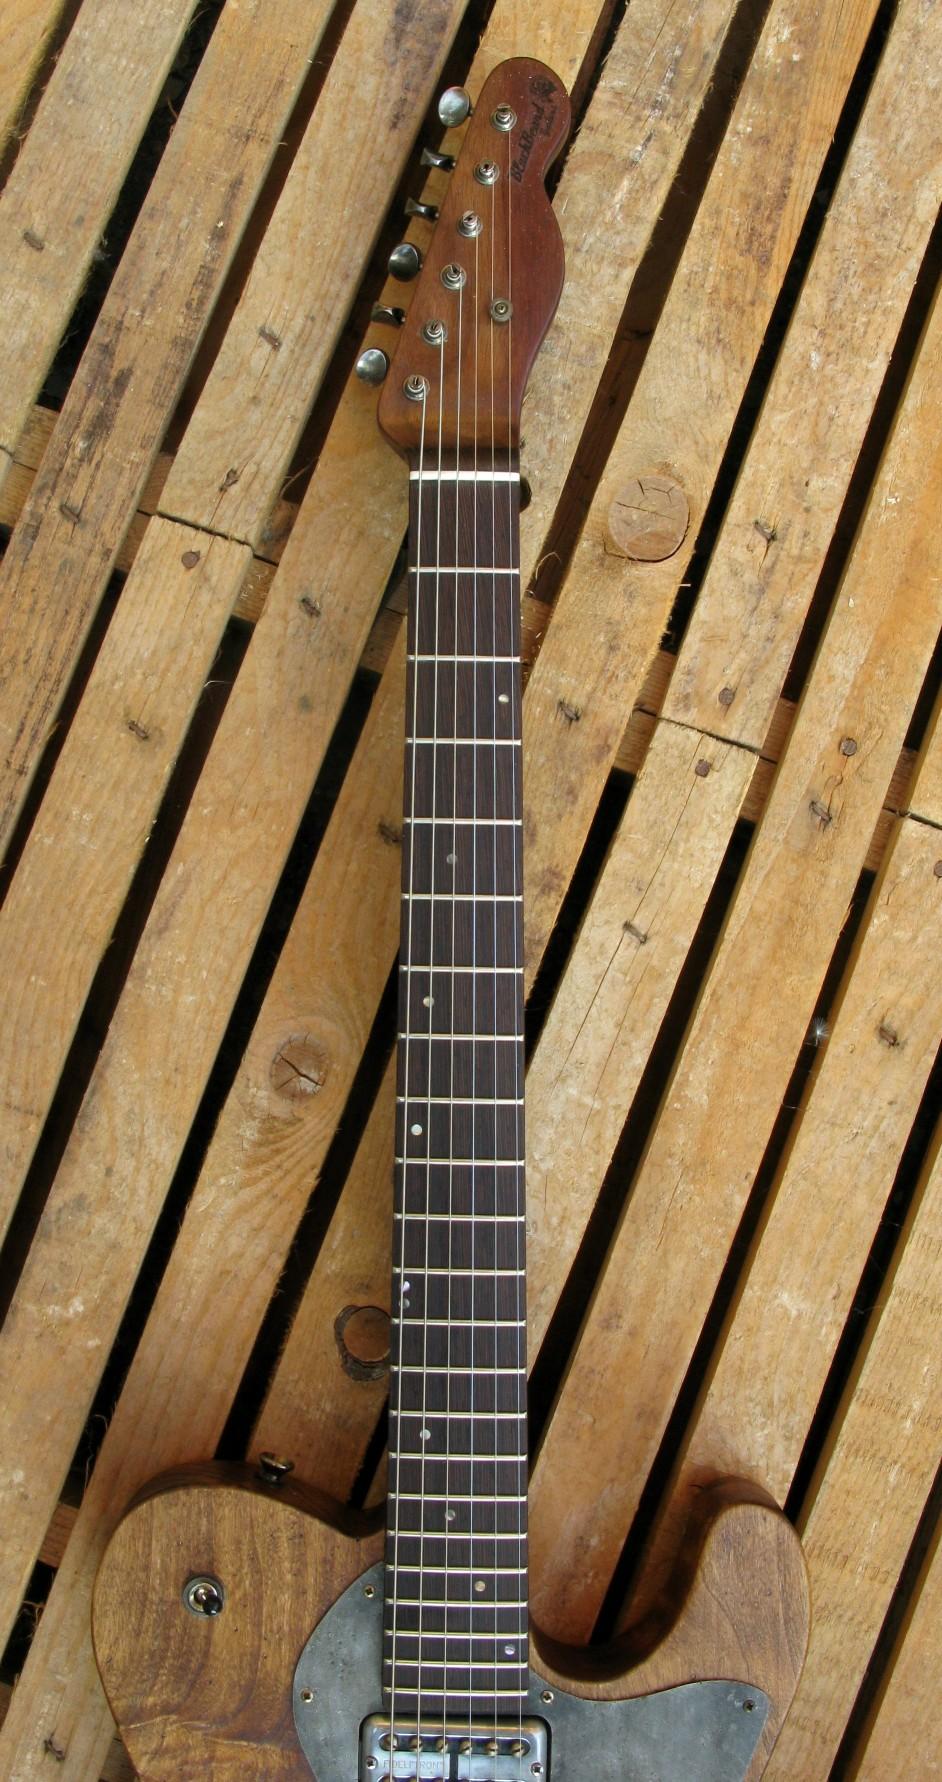 Tastiera in wengé di una chitarra Telecaster in pioppo antico